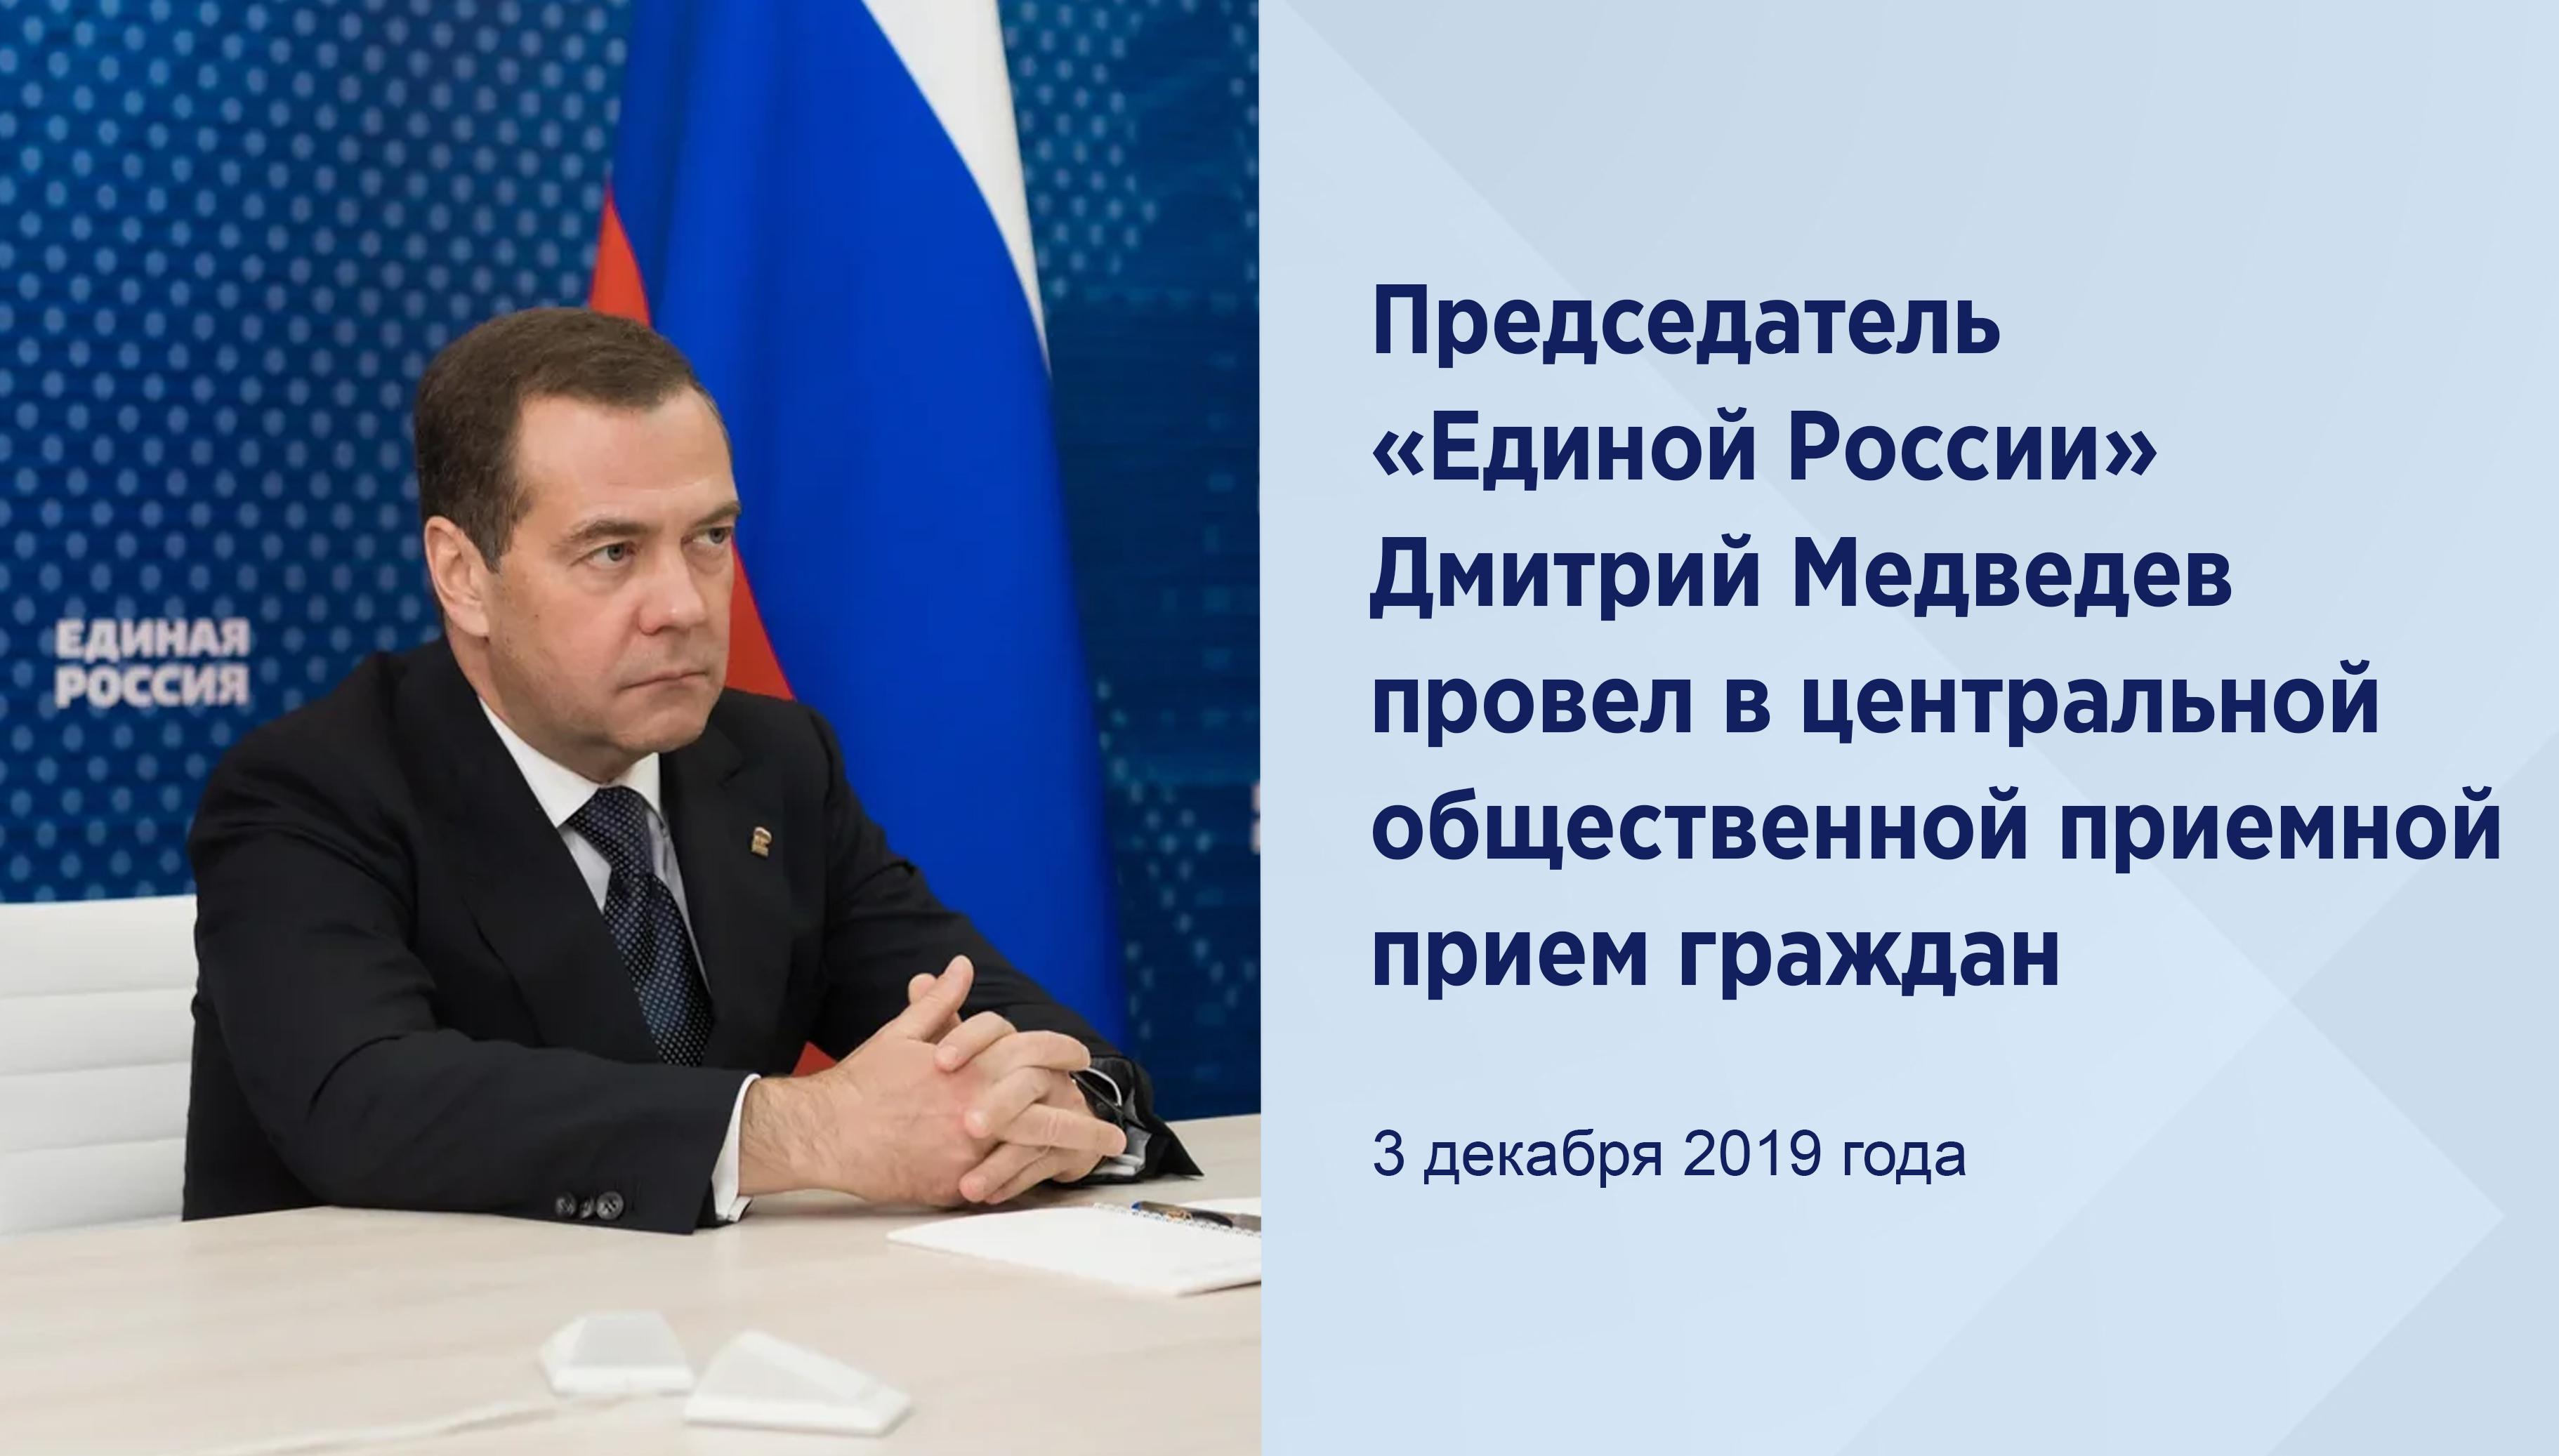 Медведев дал ряд поручений по итогам приема граждан